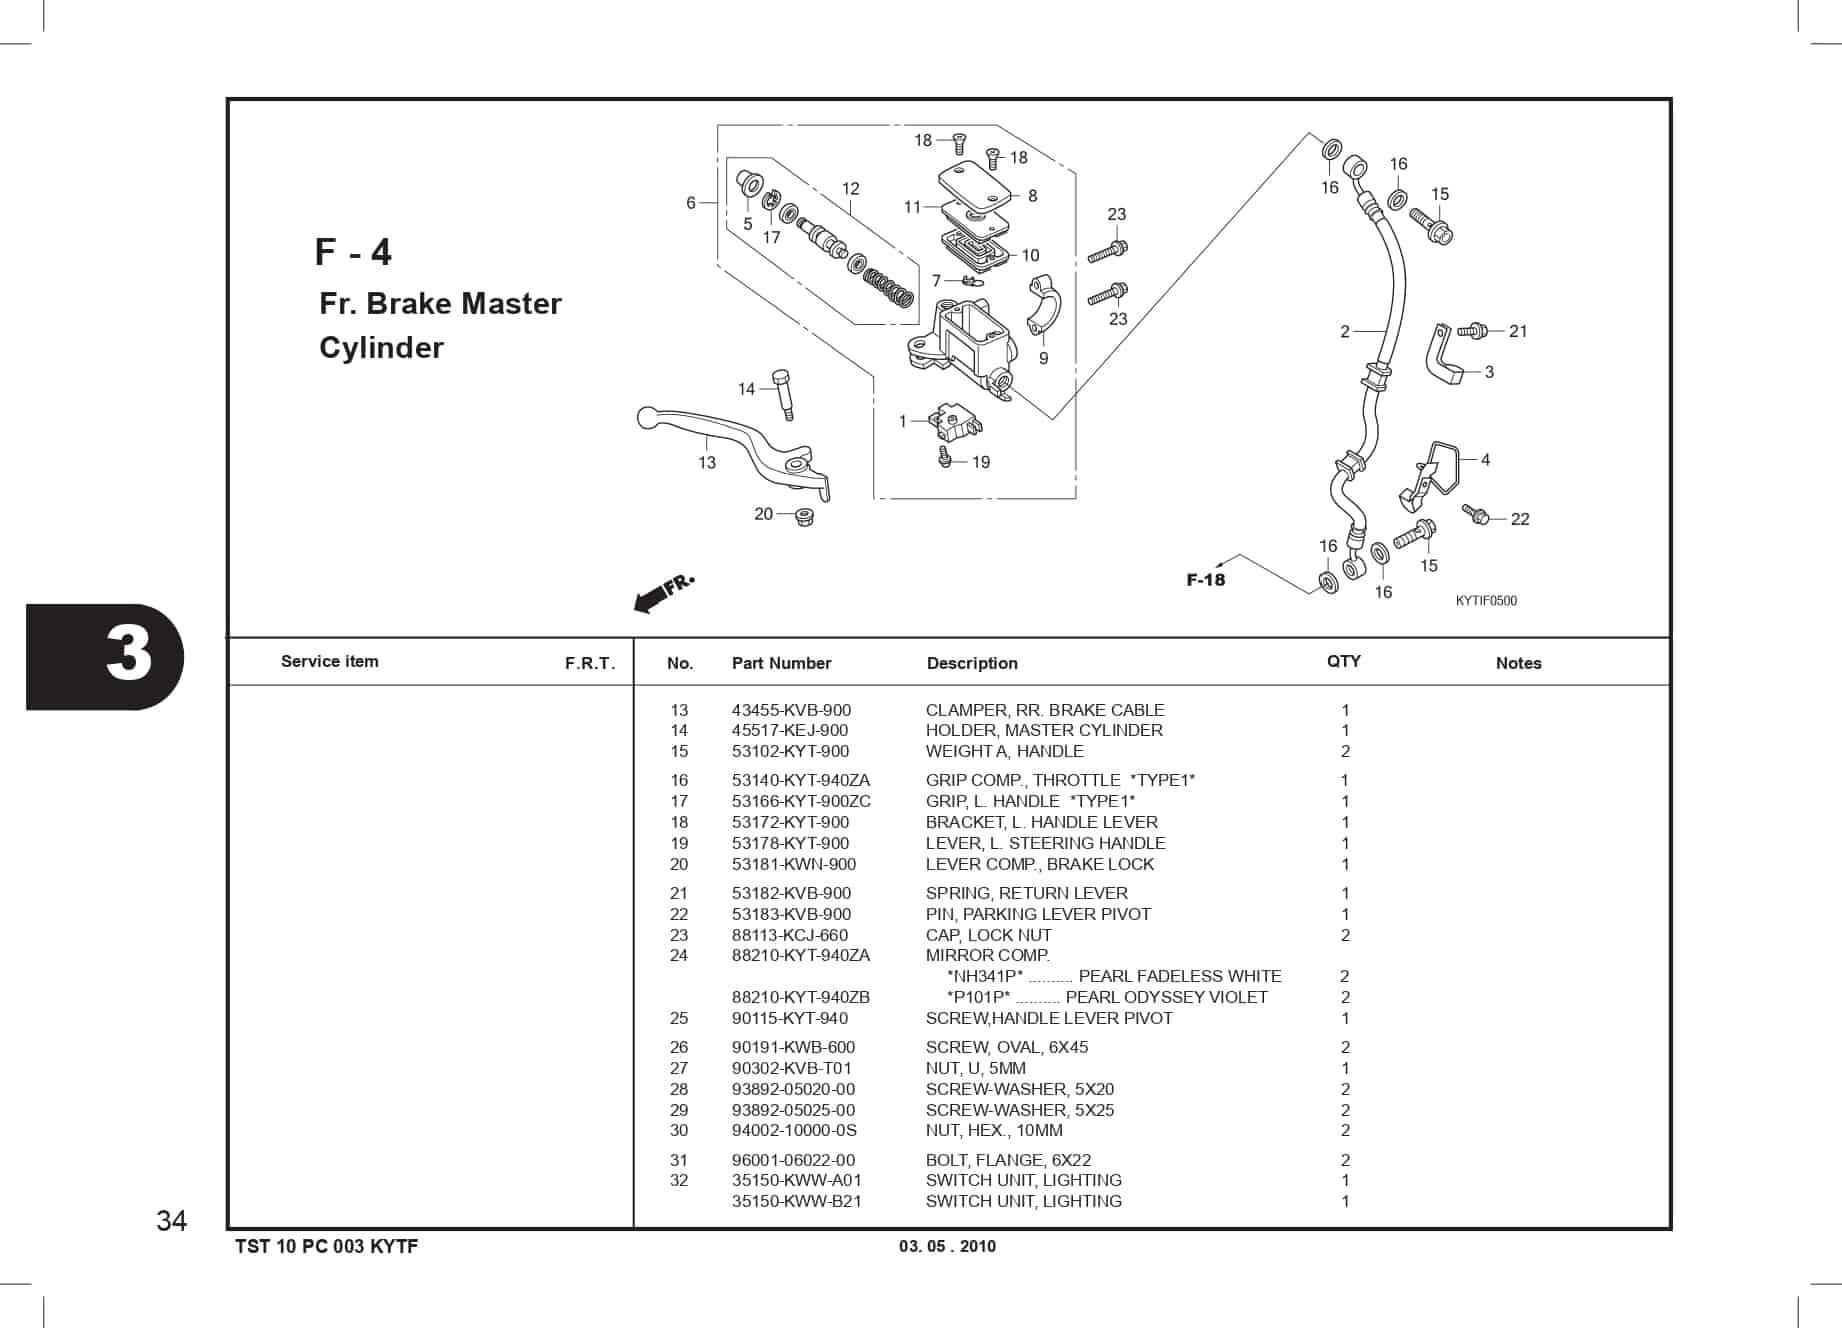 F-4 FR. Brake Master Cylinder